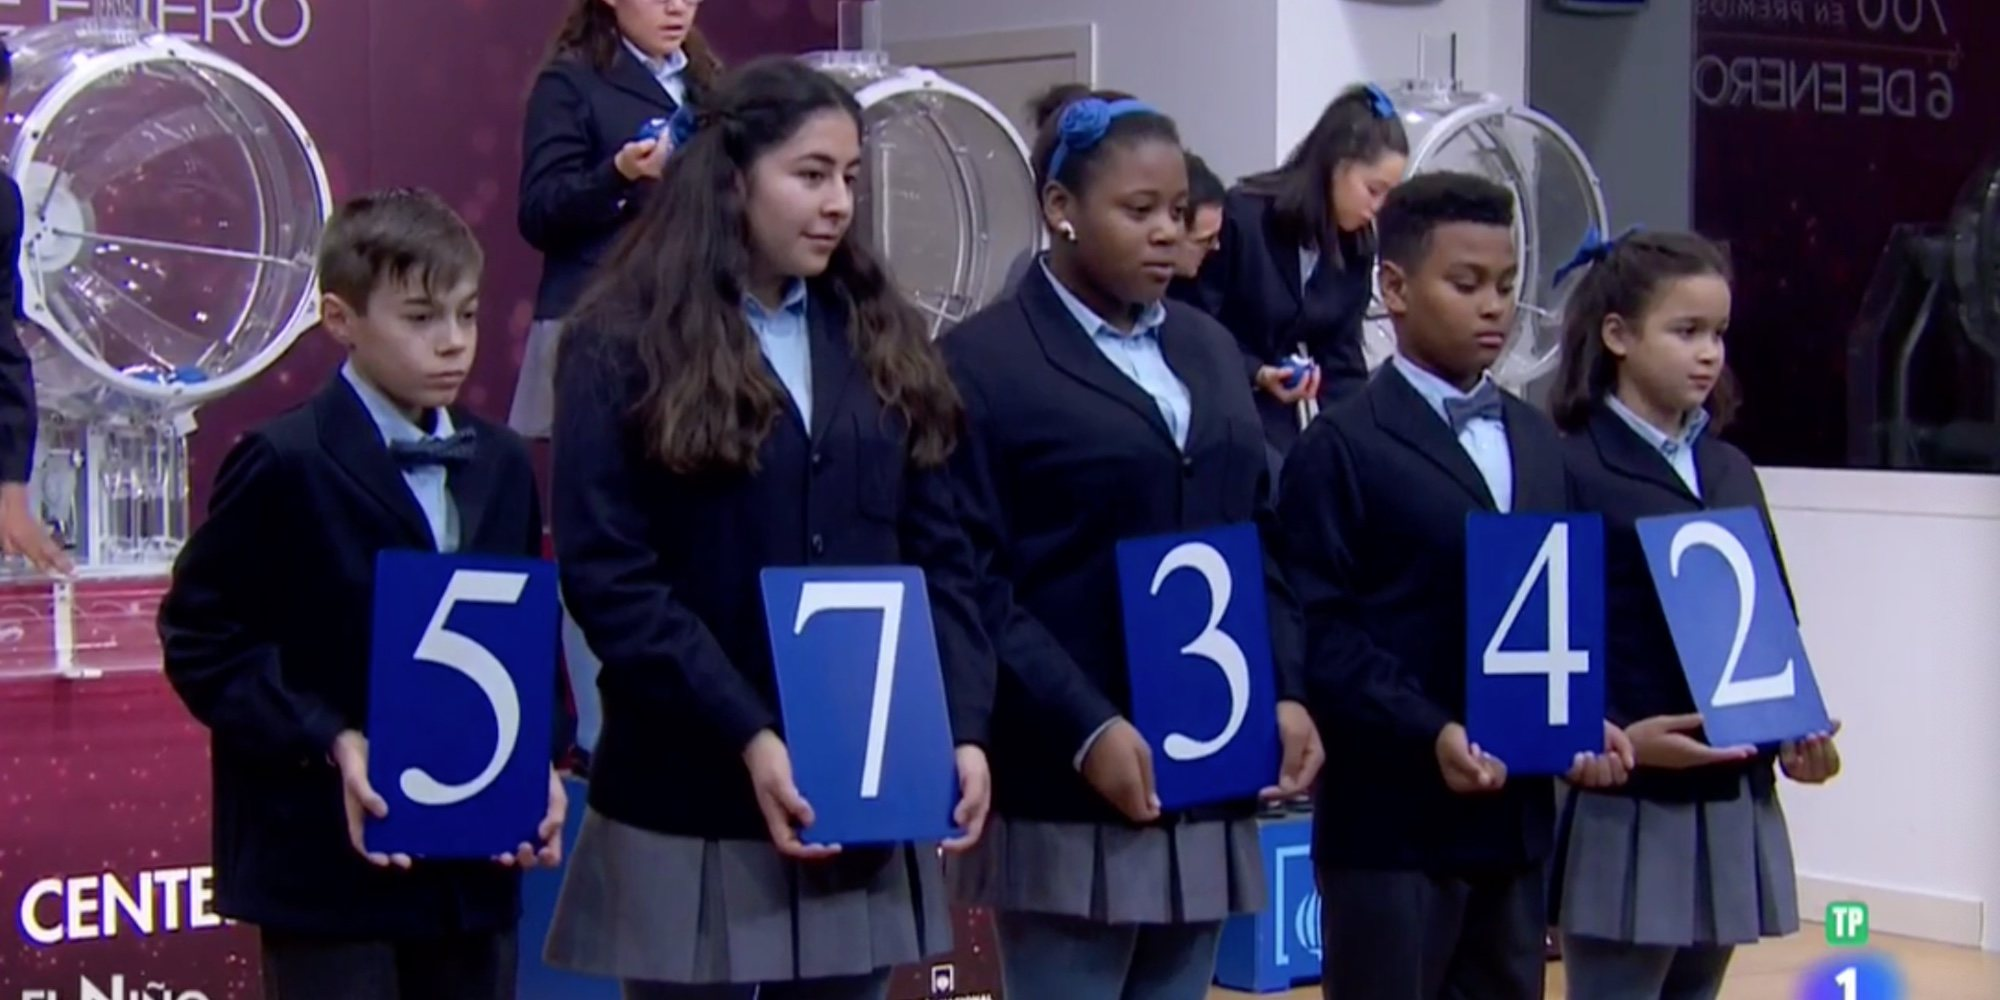 Todos los números premiados de la Lotería de El Niño 2020: El Gordo ha sido para el número 57342